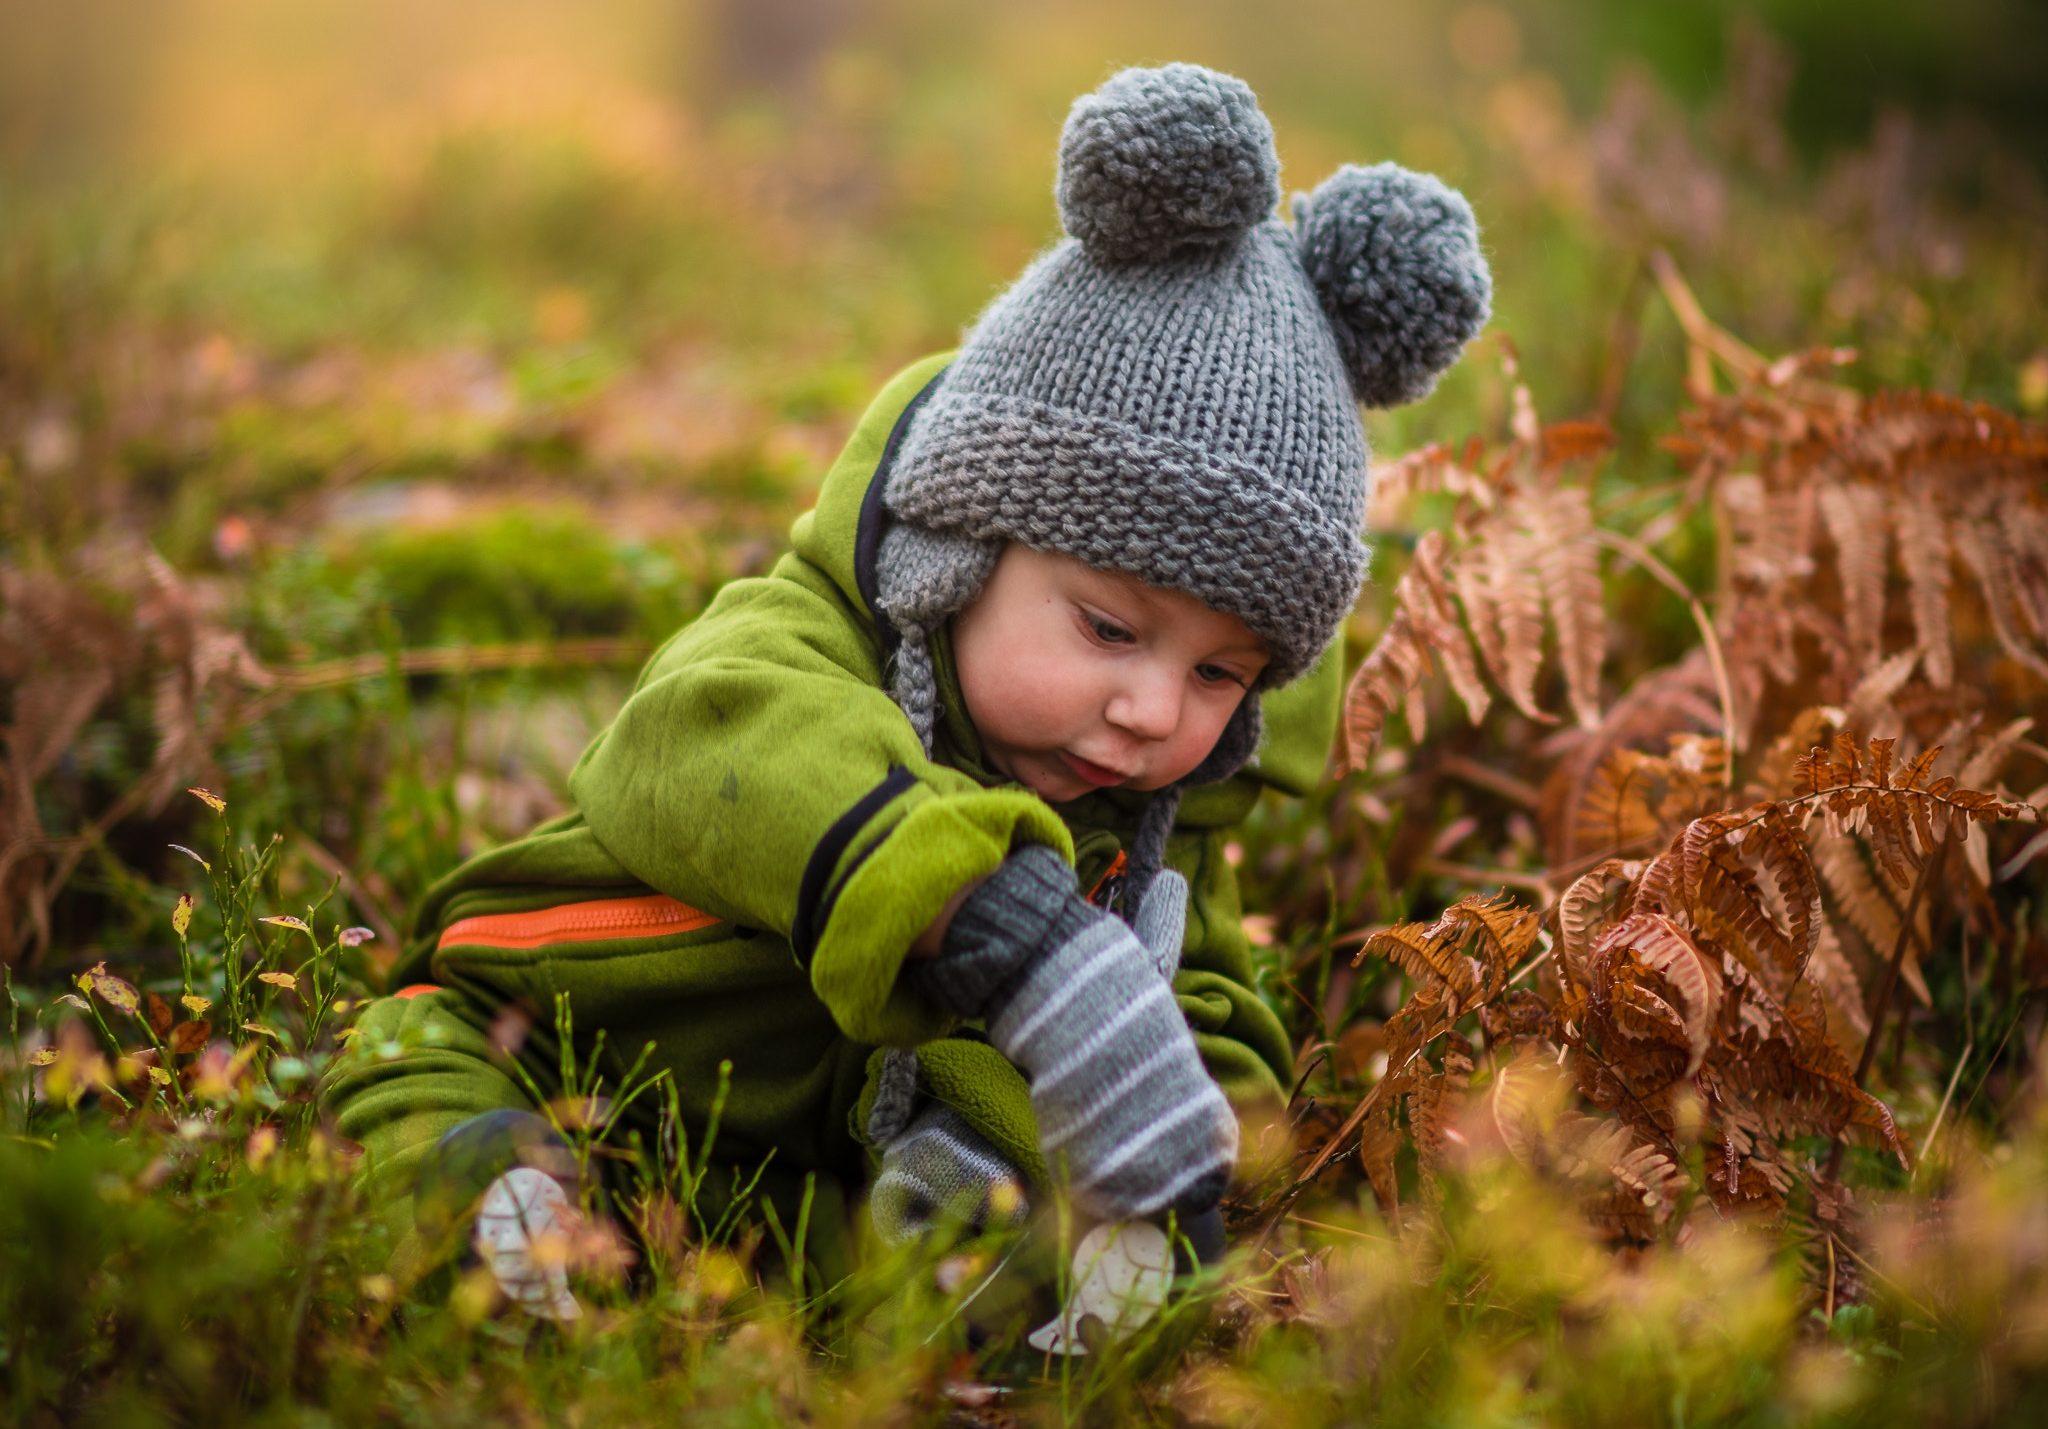 ¿Cómo evitar resfriados en tu bebé? 8 consejos para el frío